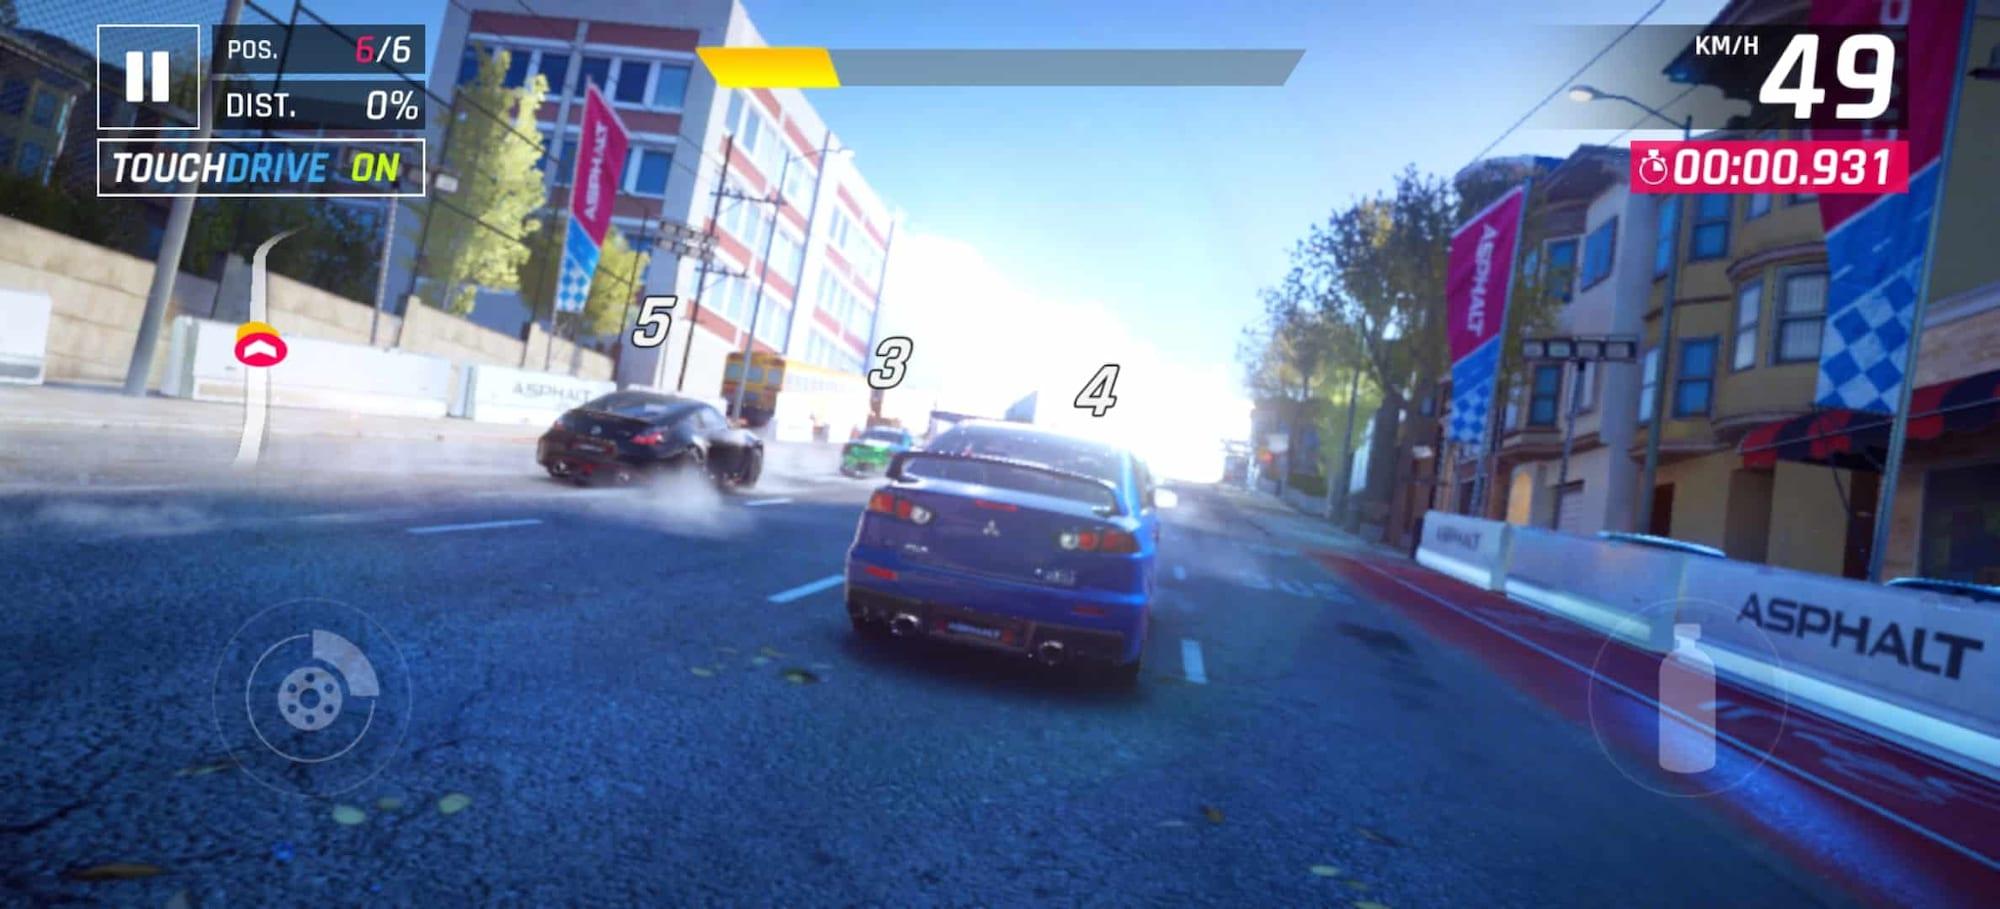 Game image screenshot